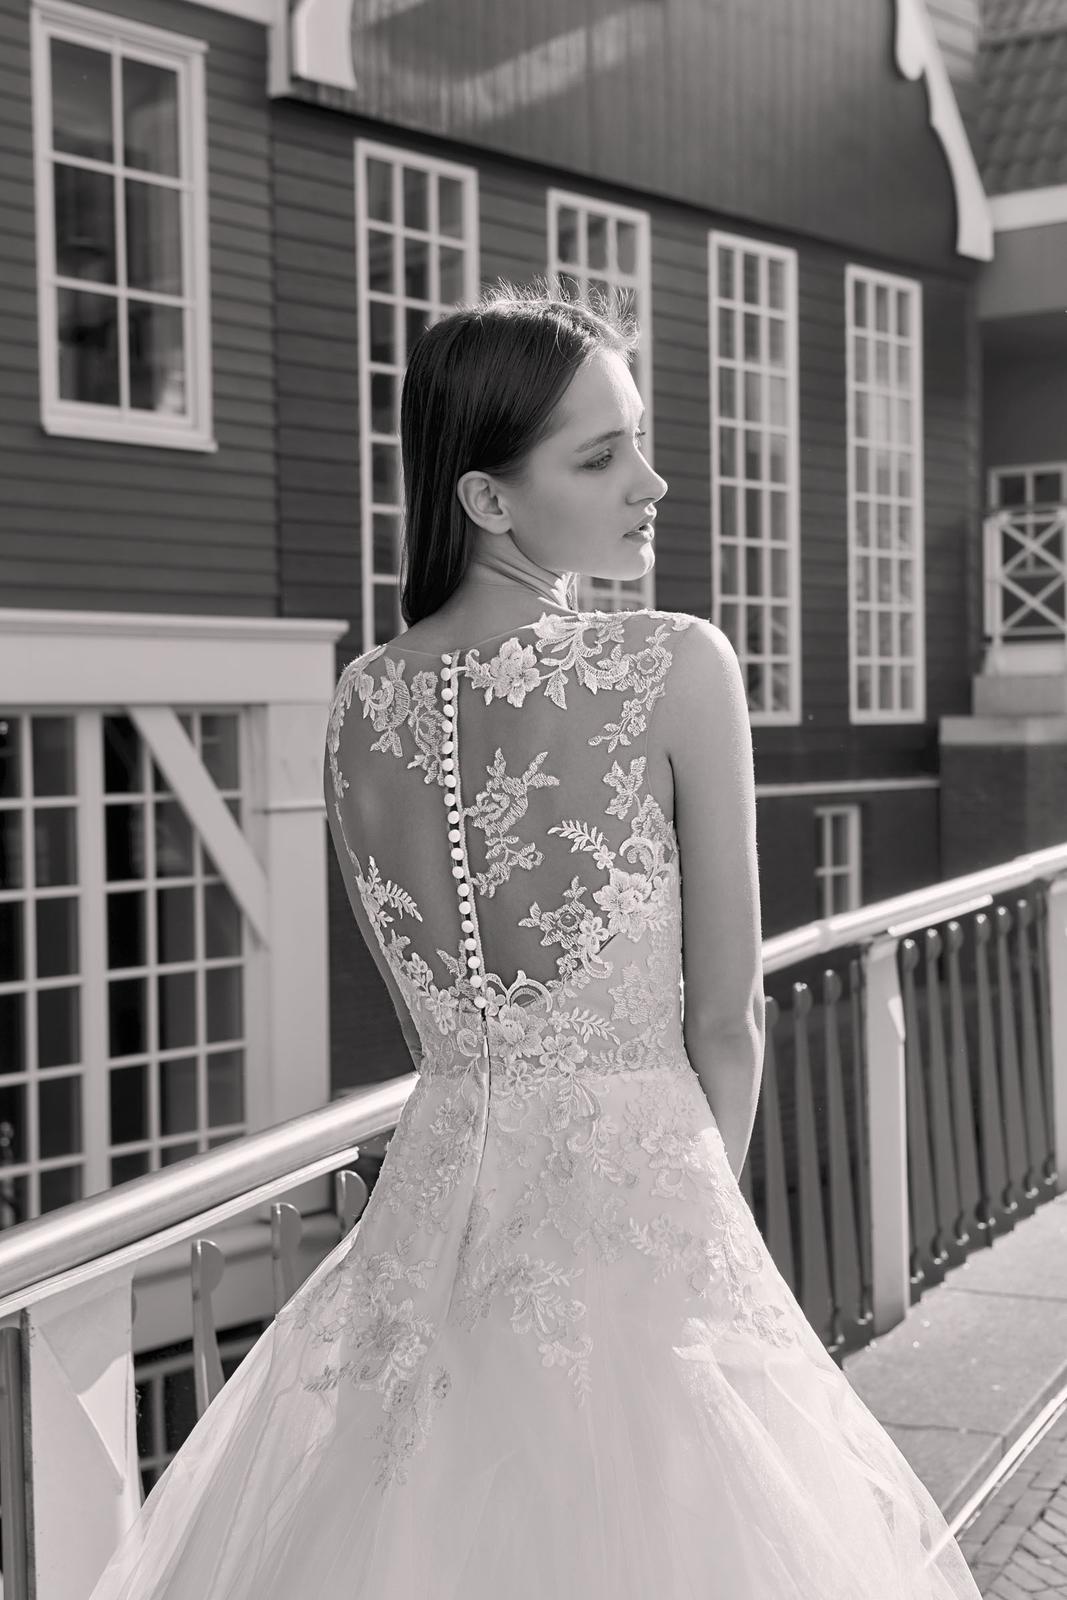 Milé nevěsty, kolekce Modeca 2018 na Vás již čeká! - Obrázek č. 27